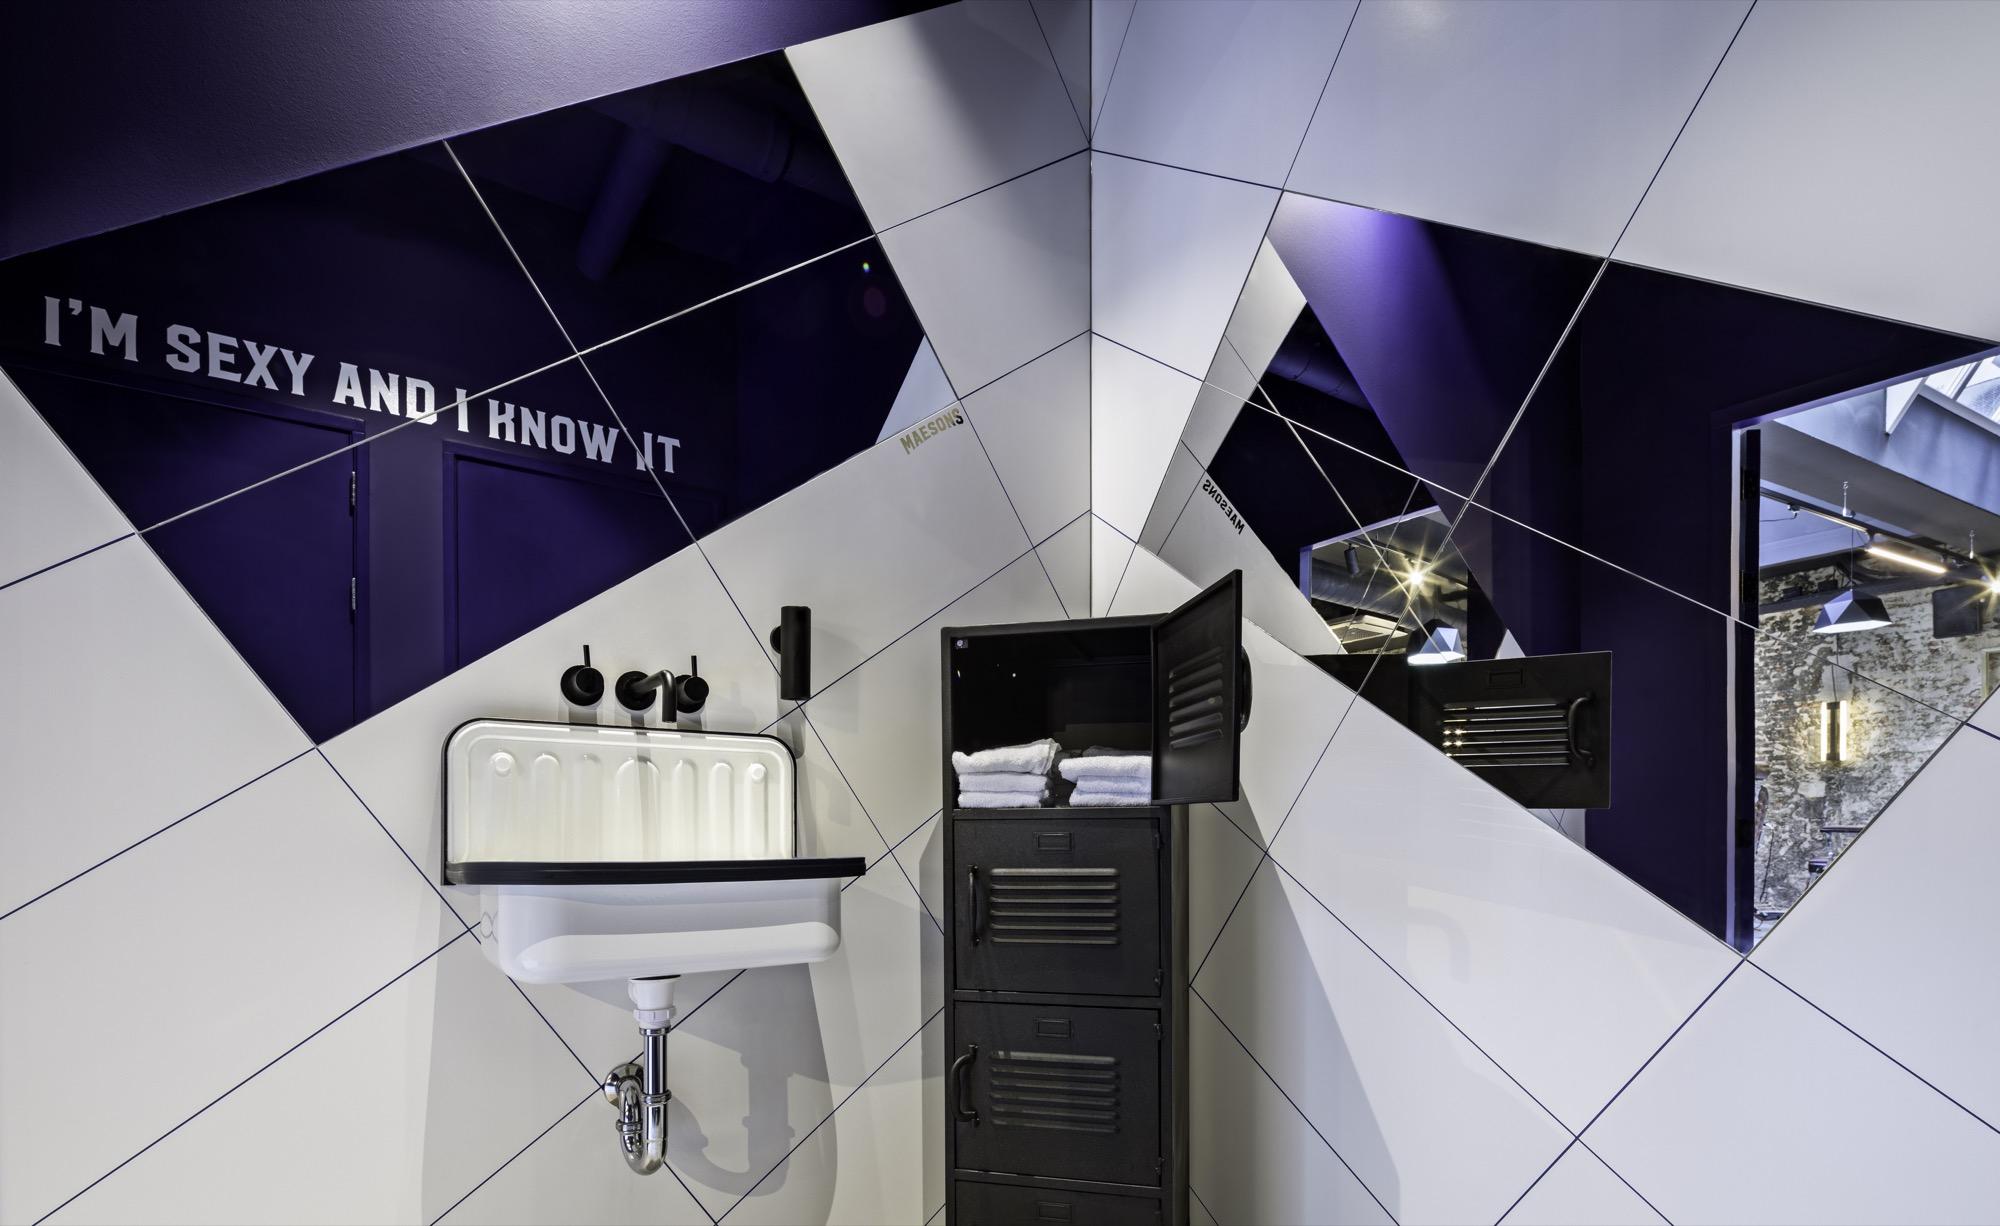 <p>Toilets &#8211; Photo: J. Rodycz</p>